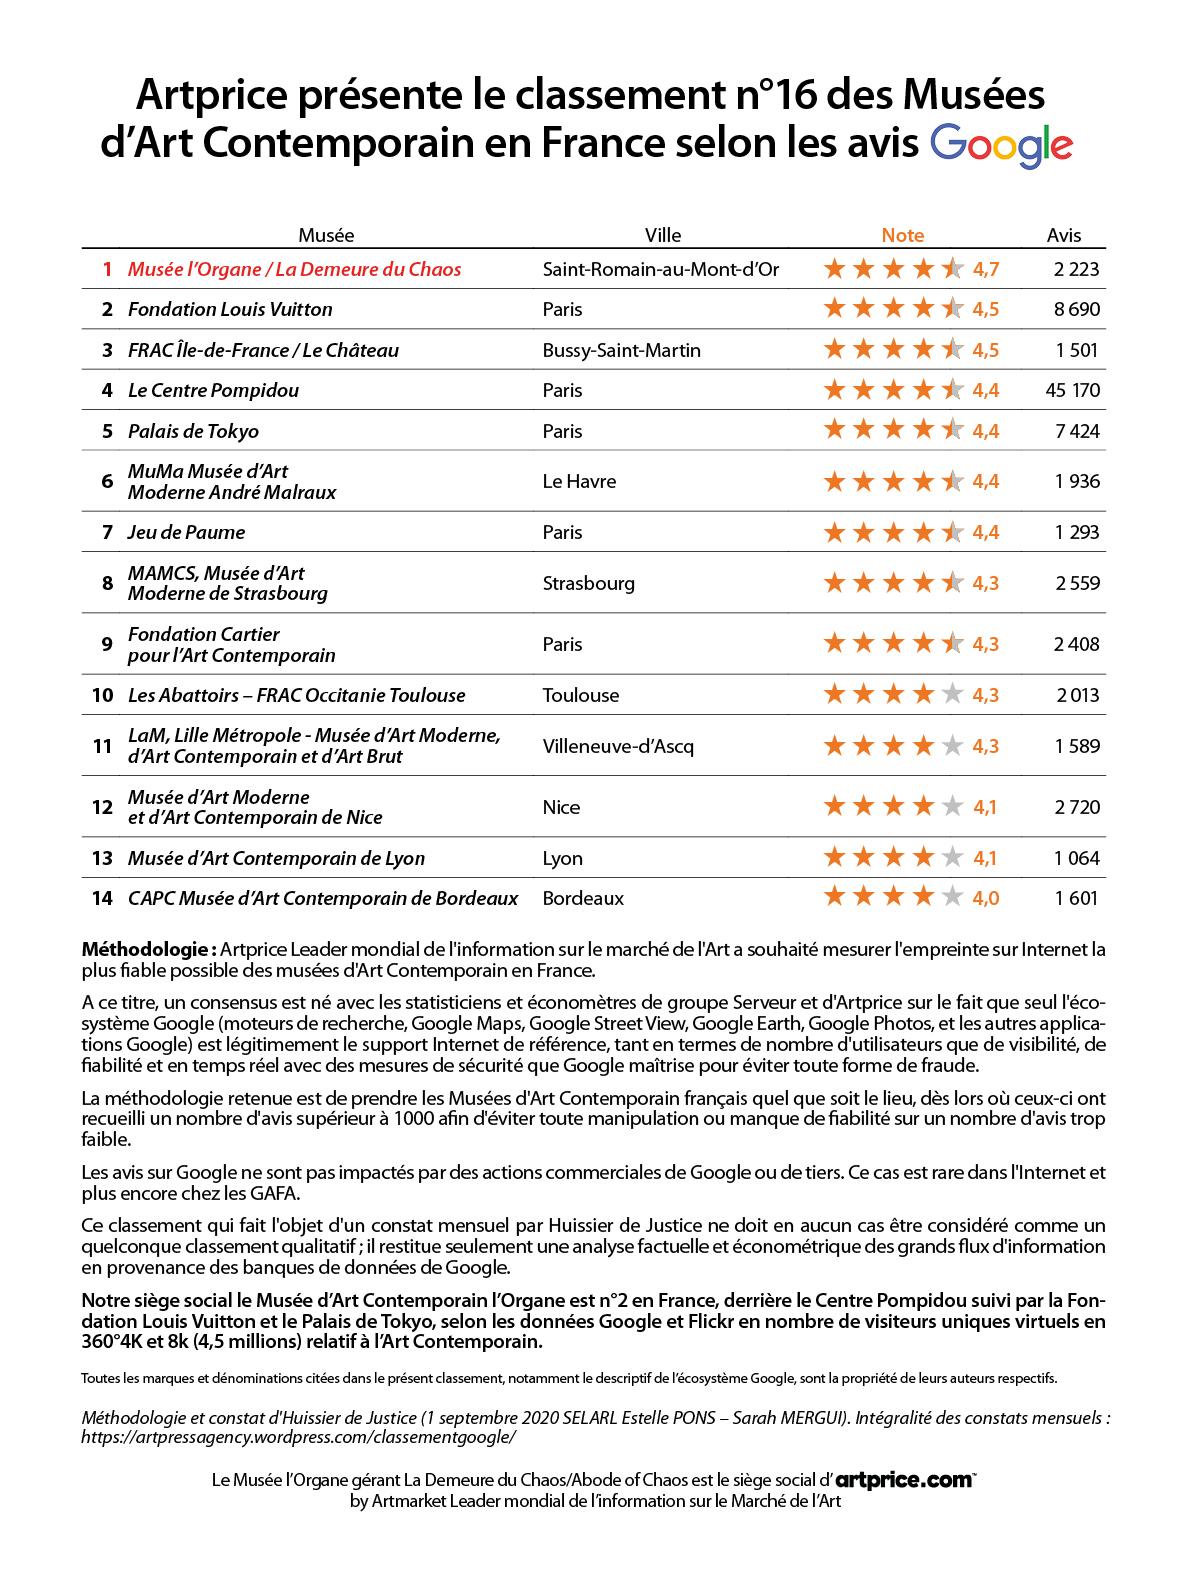 Artprice présente le classement n°16 des Musées d'Art Contemporain en France selon les avis Google